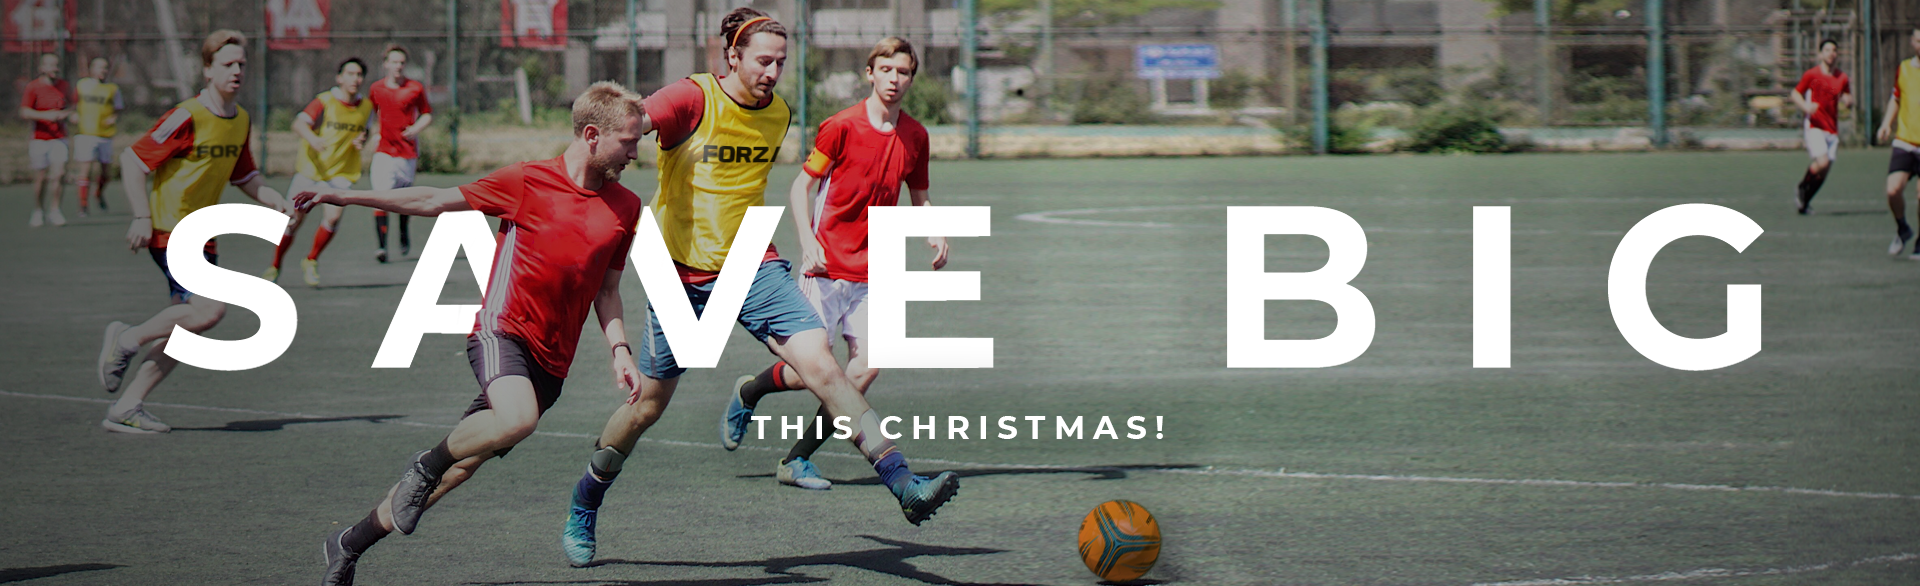 Save Big This Christmas